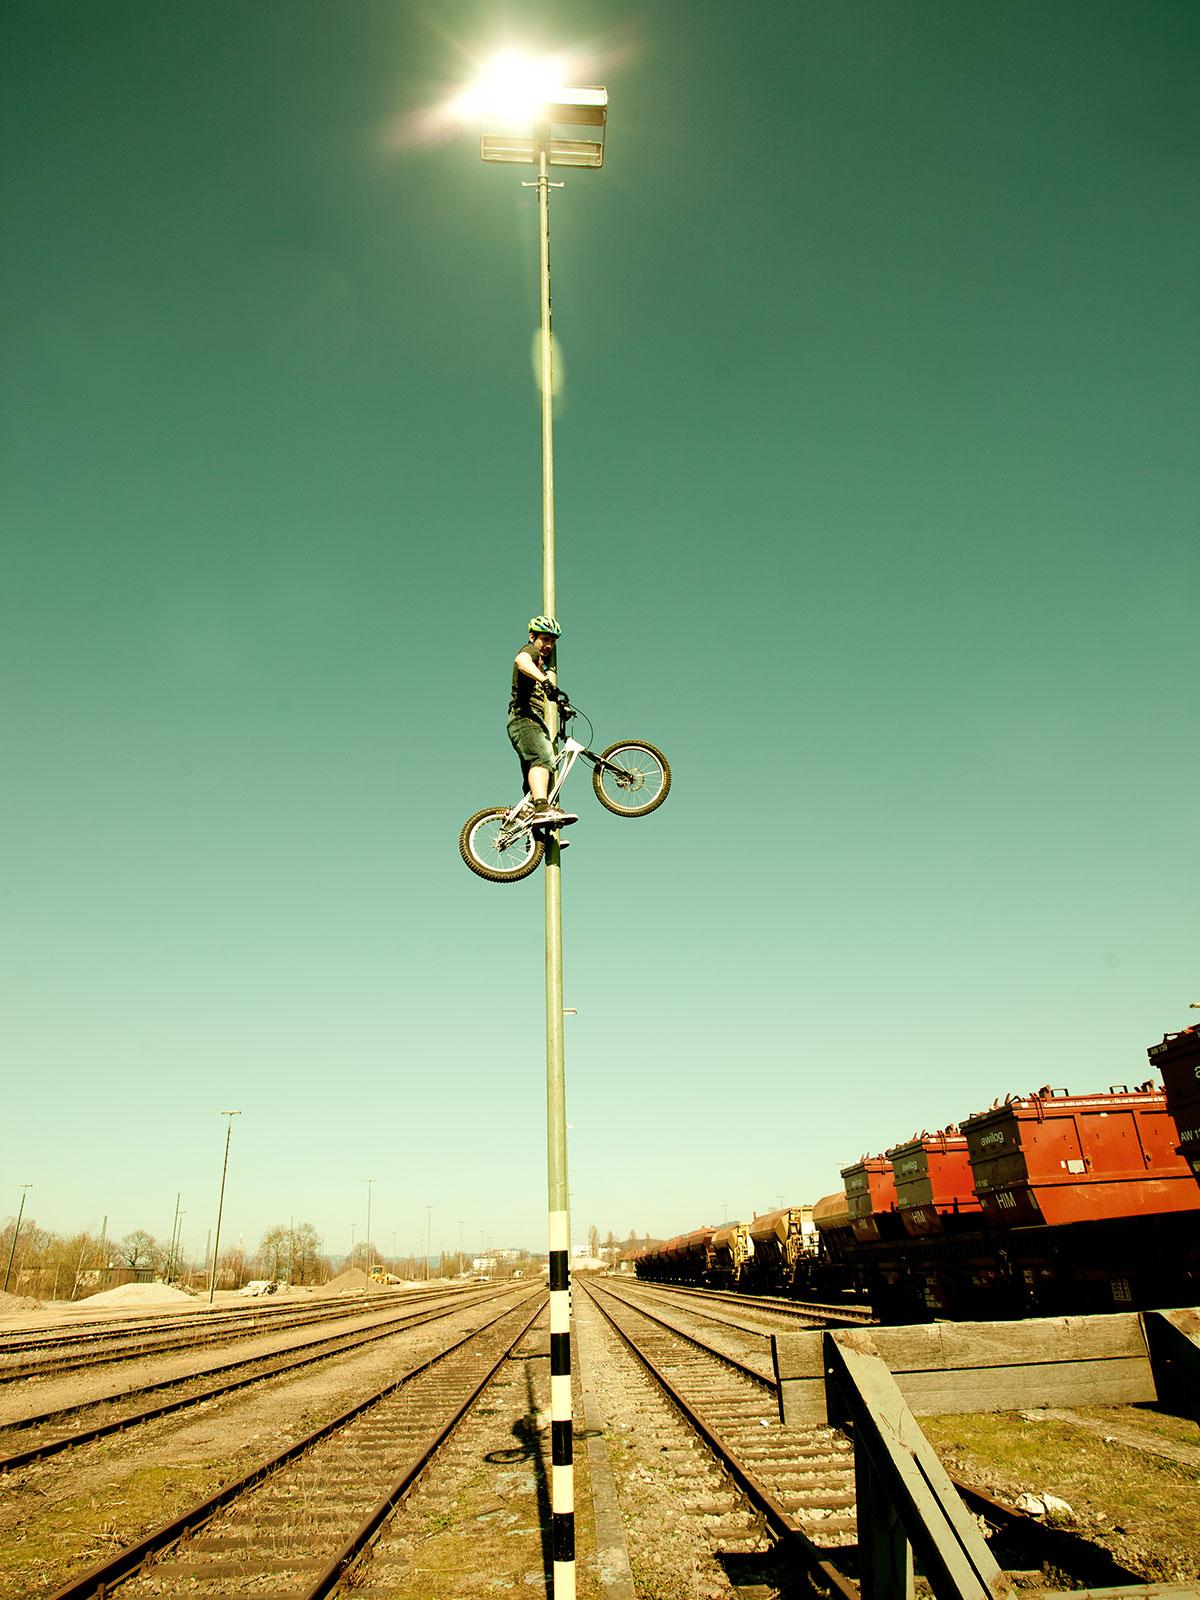 daniel-rall-bike-artist-hornberg-show-world-records-tv-show